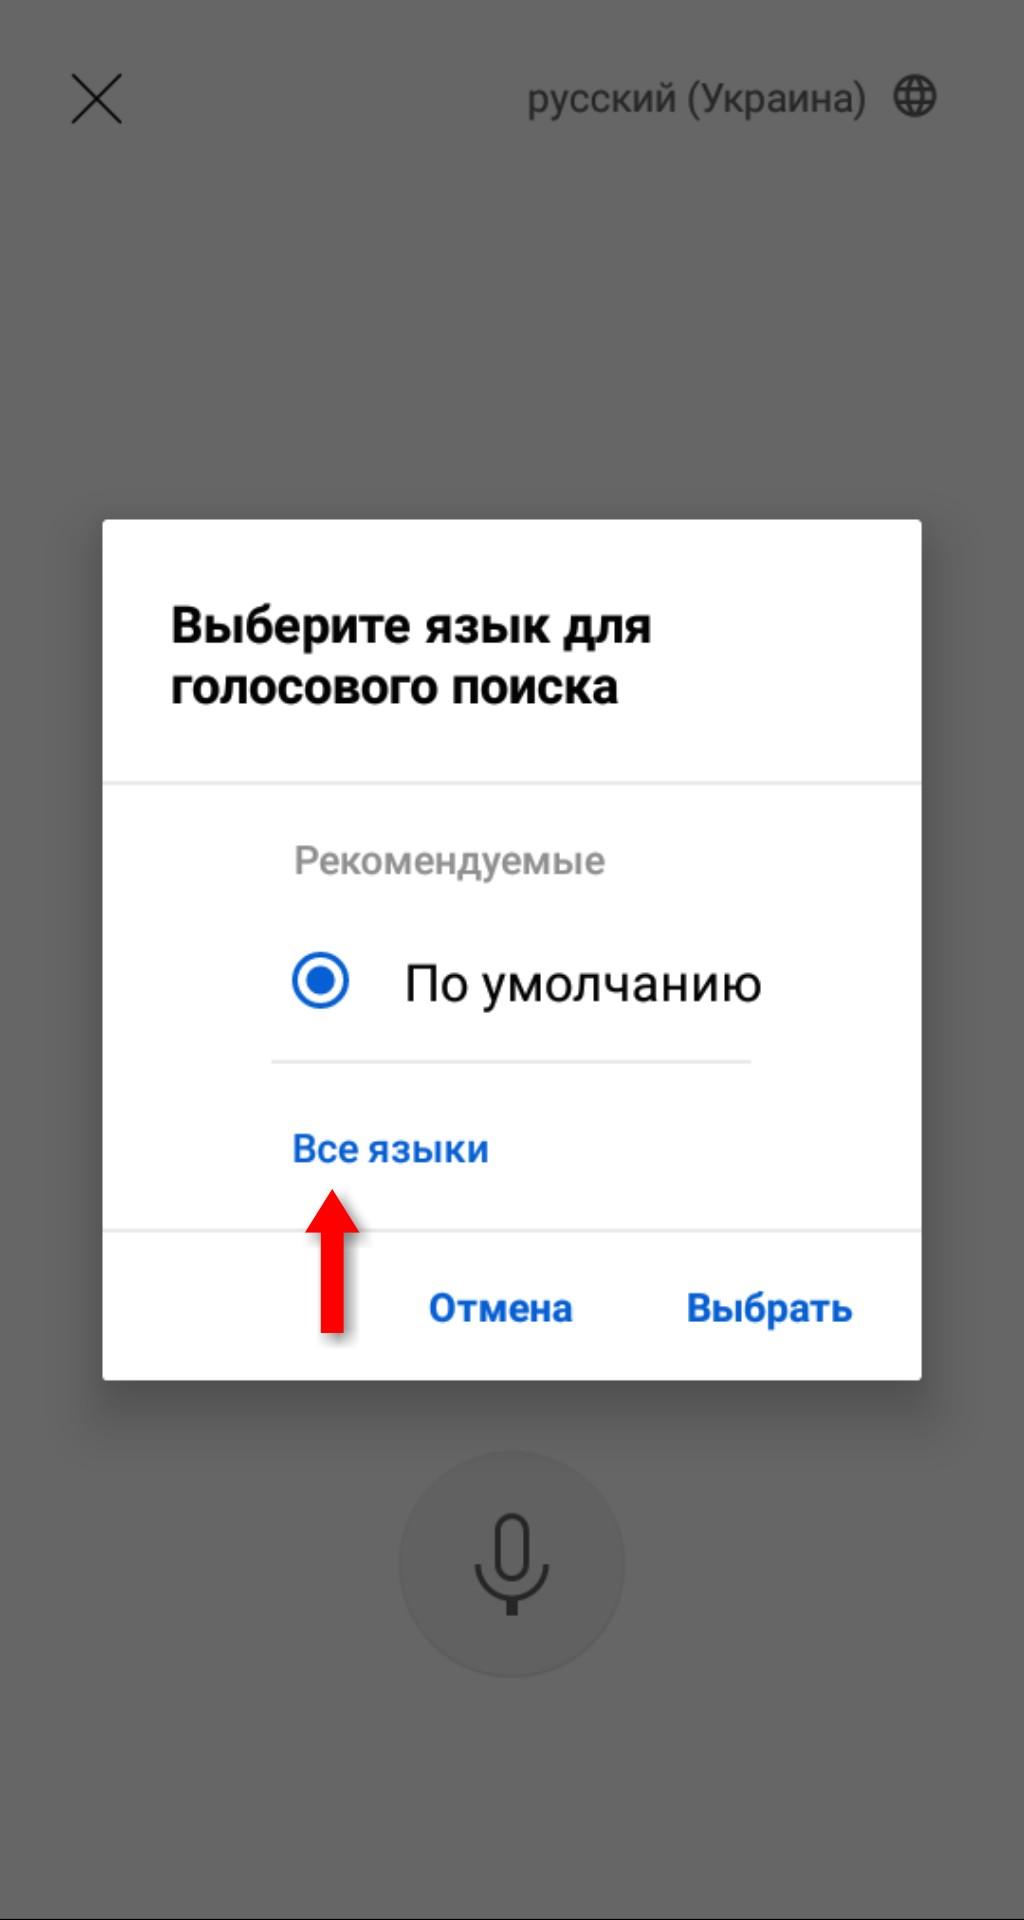 InFrame_1628019307497.jpg